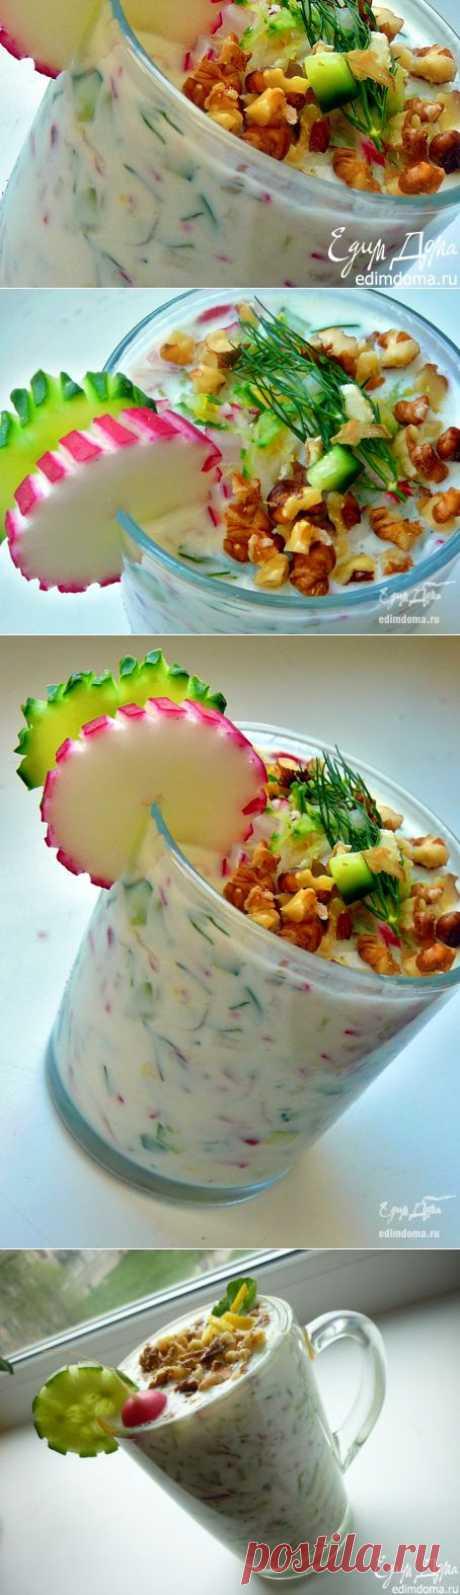 Летний, холодный, йогуртовый суп | Кулинарные рецепты от «Едим дома!»